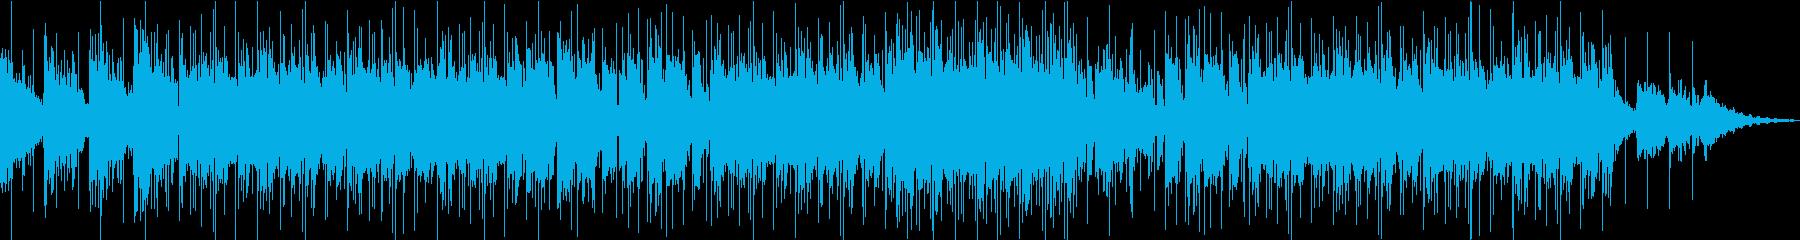 暖かいエレピが印象的なポップスBGMの再生済みの波形